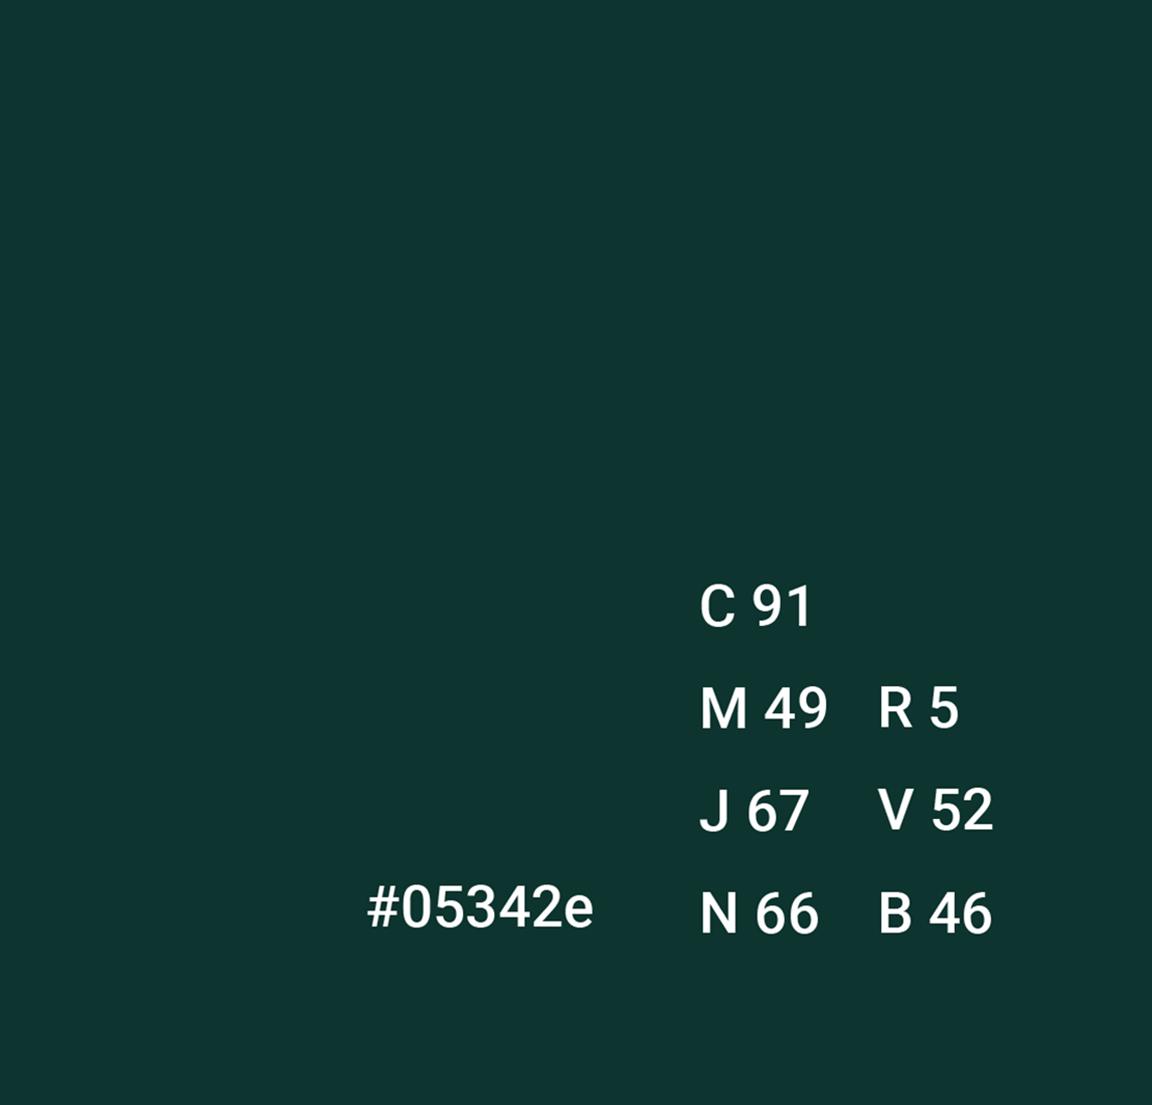 Img-longue-Ora-Couleurs-Vert-Foncé01